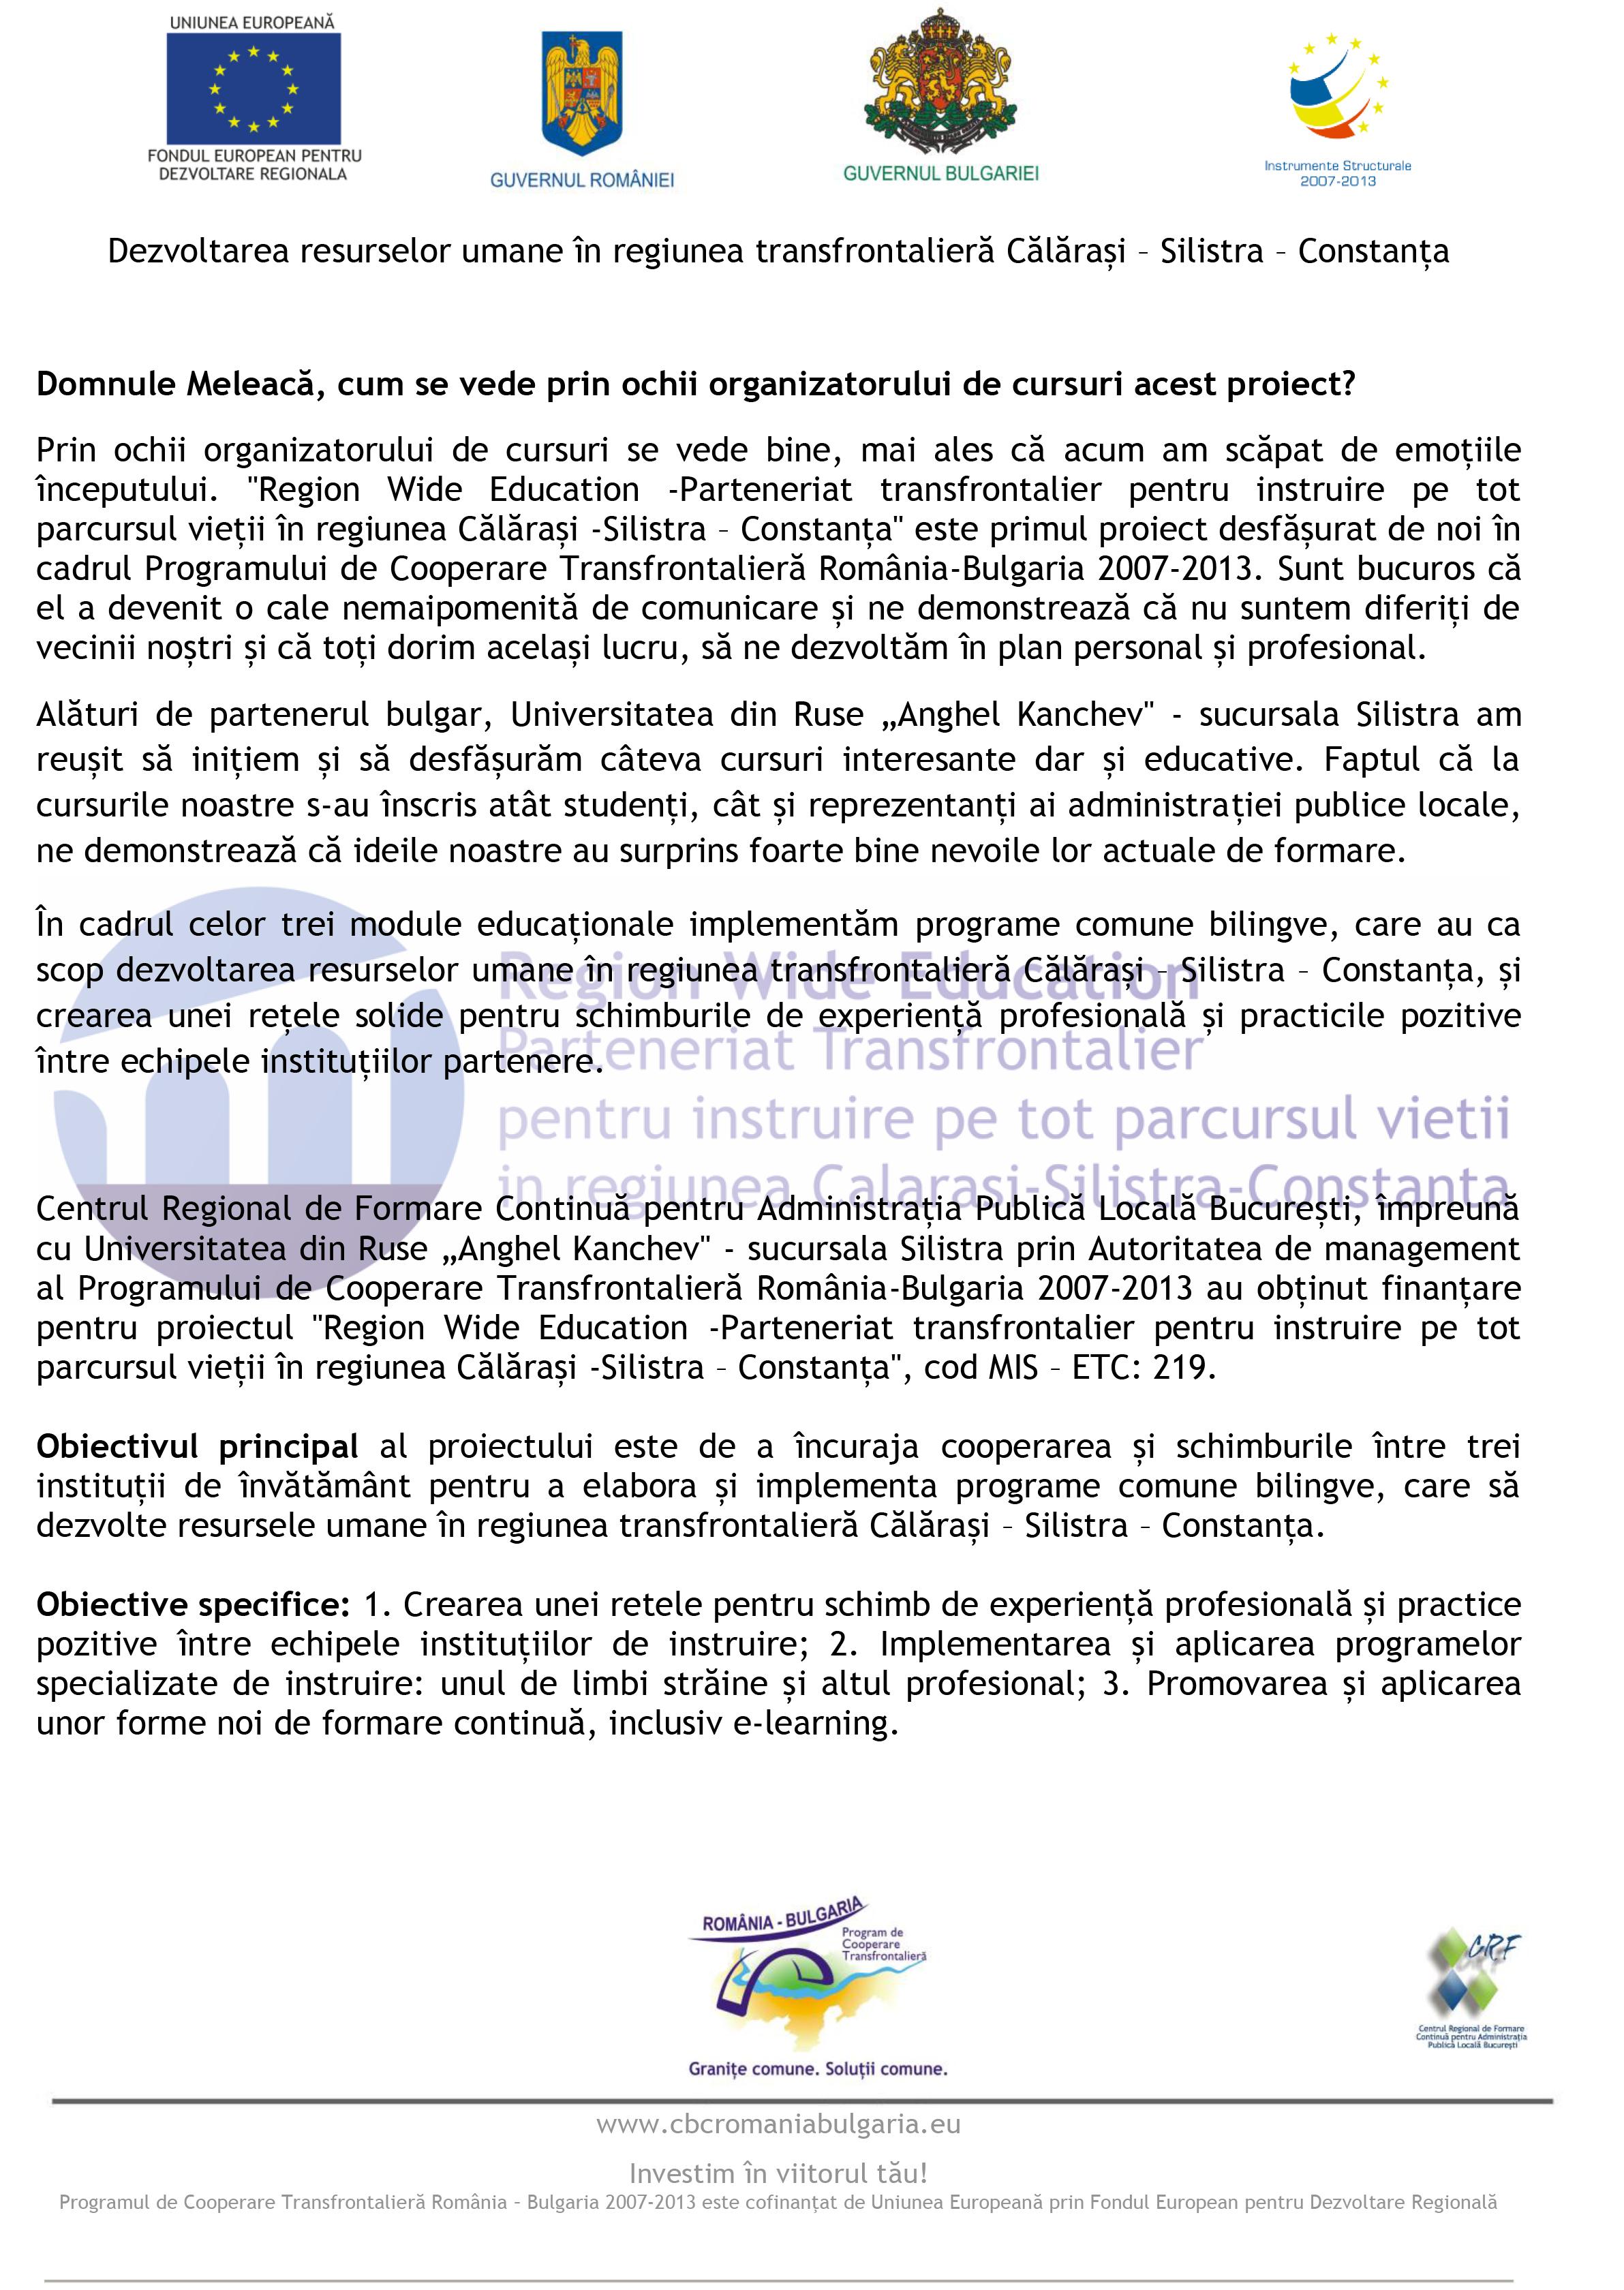 Dezvoltarea resurselor umane în regiunea transfrontalieră Călărași – Silistra – Constanța